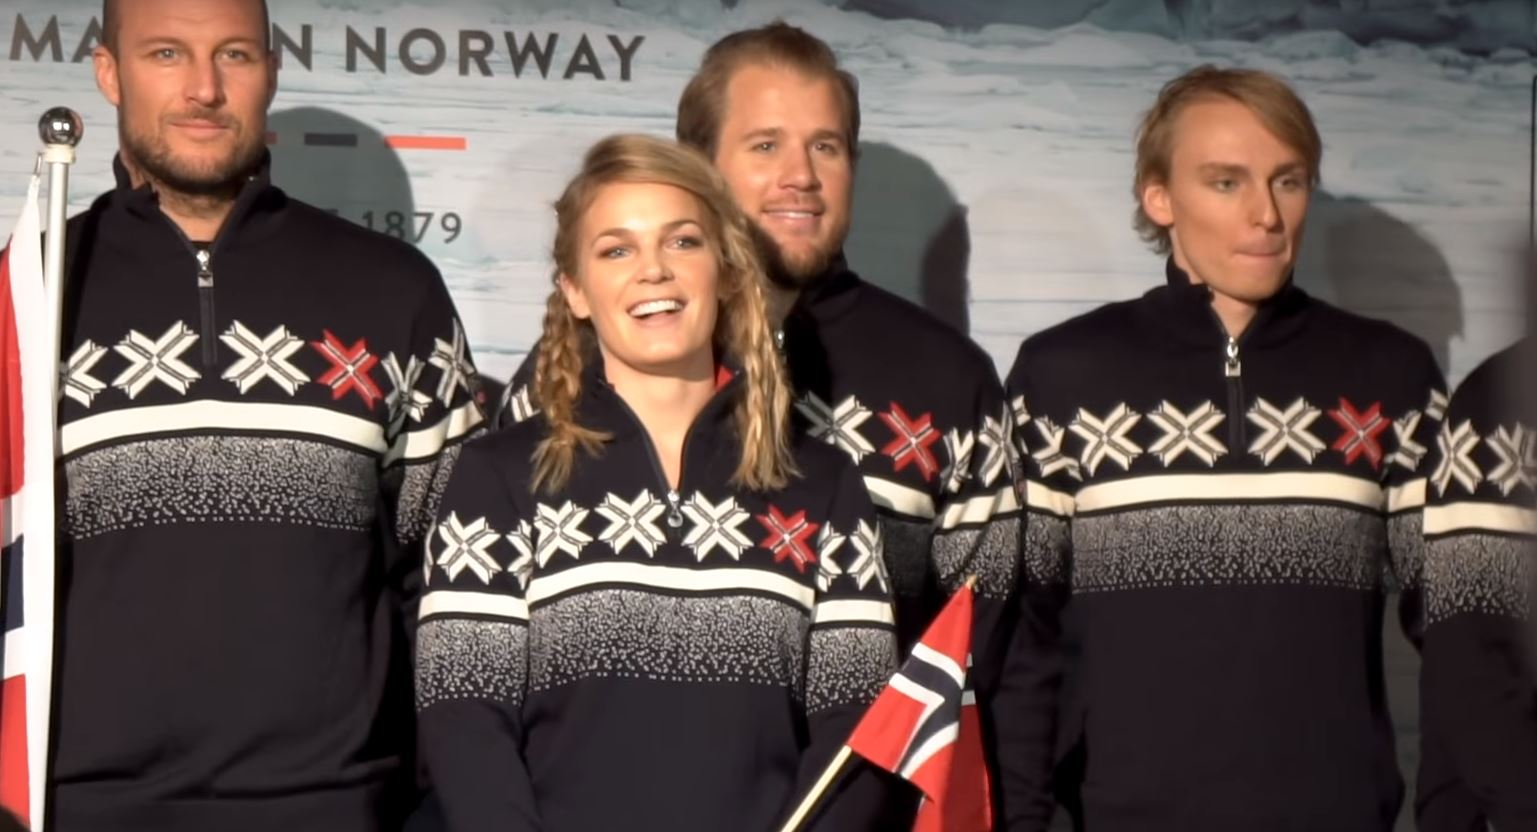 6e0160e9f5 JO 2018: l'équipe norvégienne au cœur de la polémique à cause de ses ...